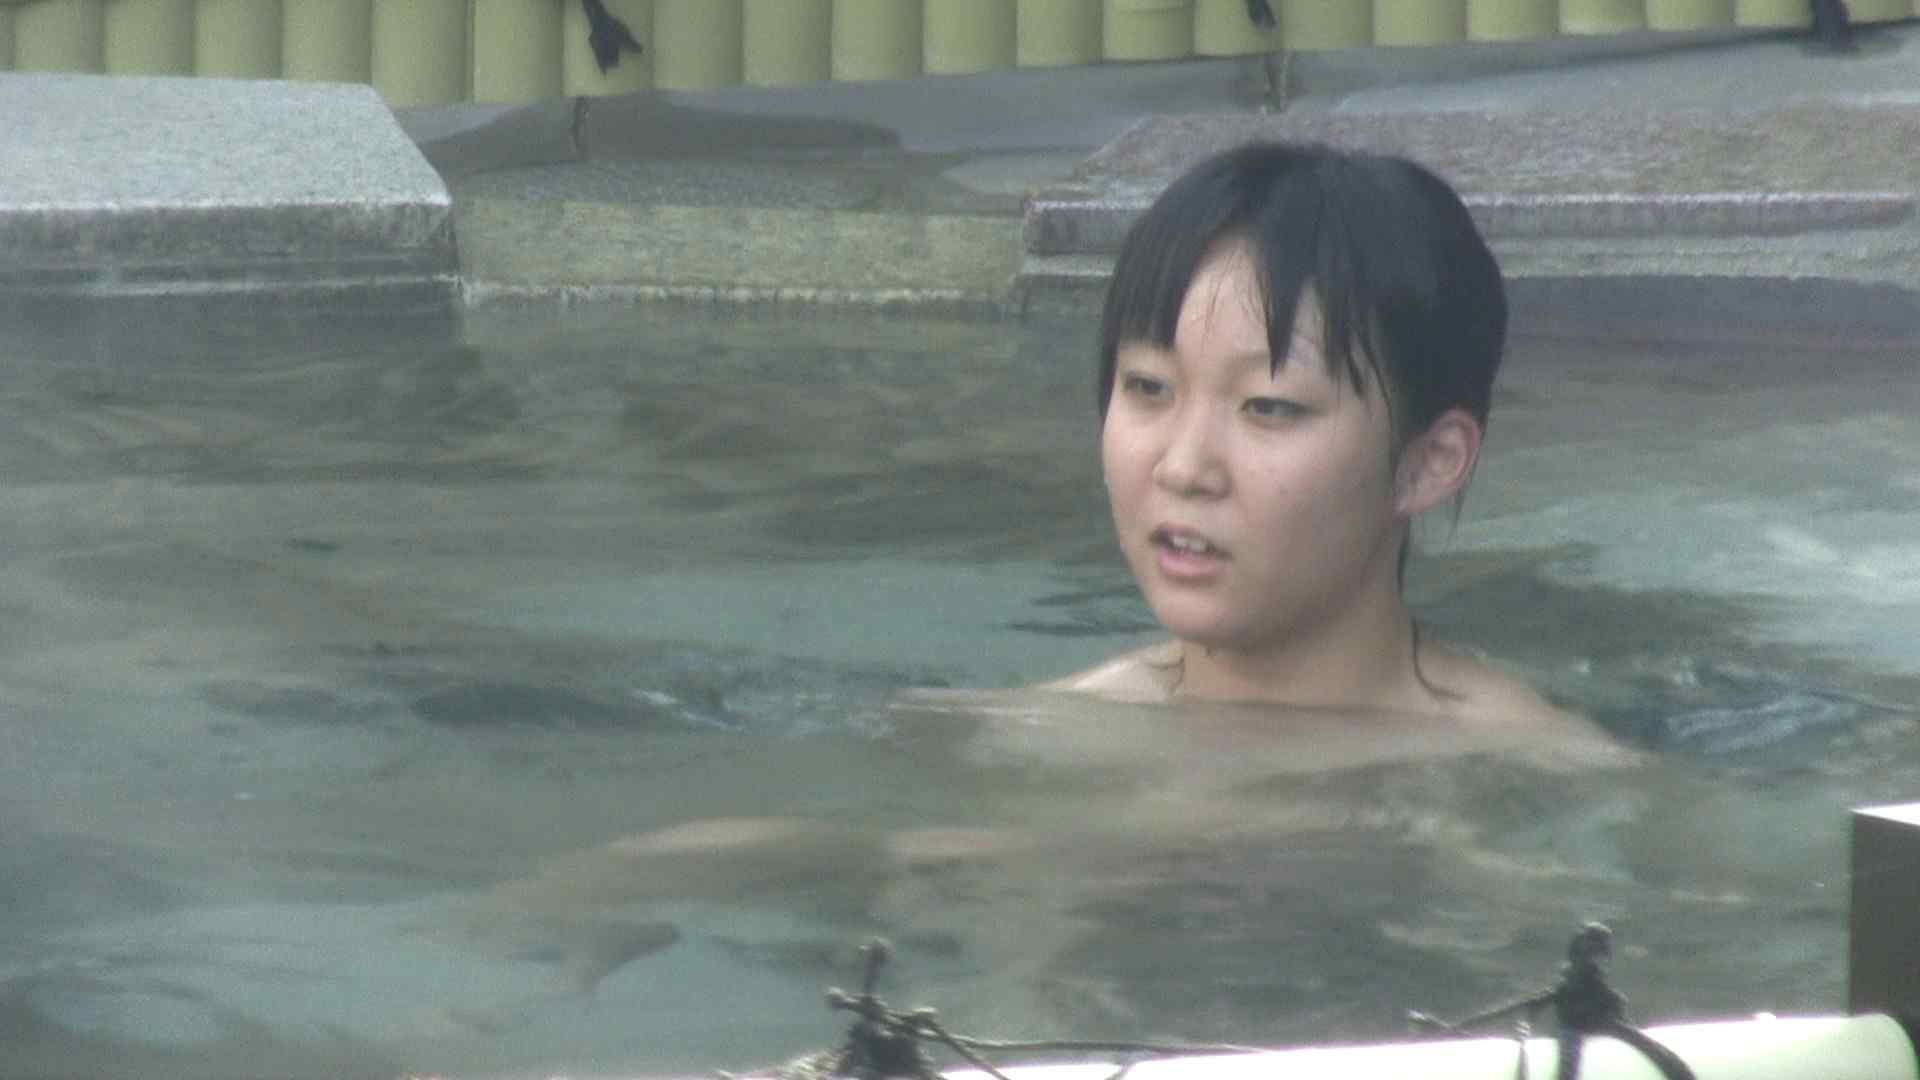 Aquaな露天風呂Vol.196 盗撮シリーズ  87PIX 24